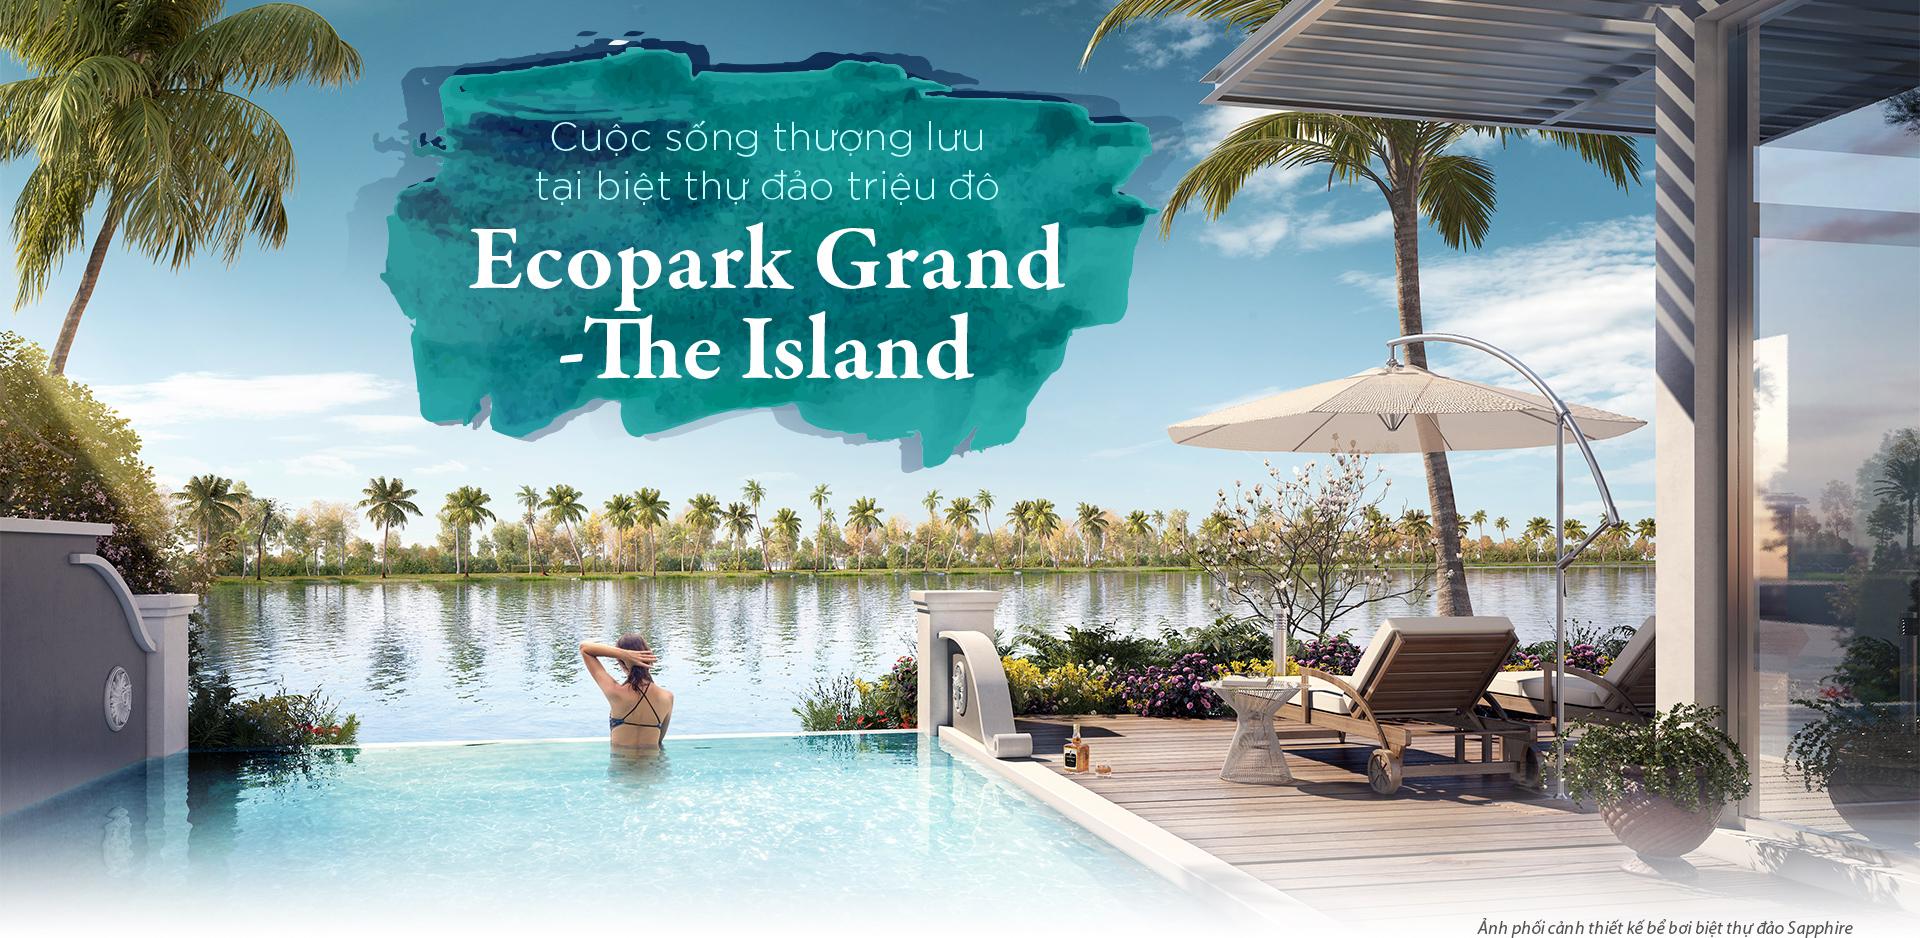 cover 1 1 1530162214 VnEx - Cuộc sống thượng lưu tại biệt thự đảo triệu đô Ecopark Grand -The Island